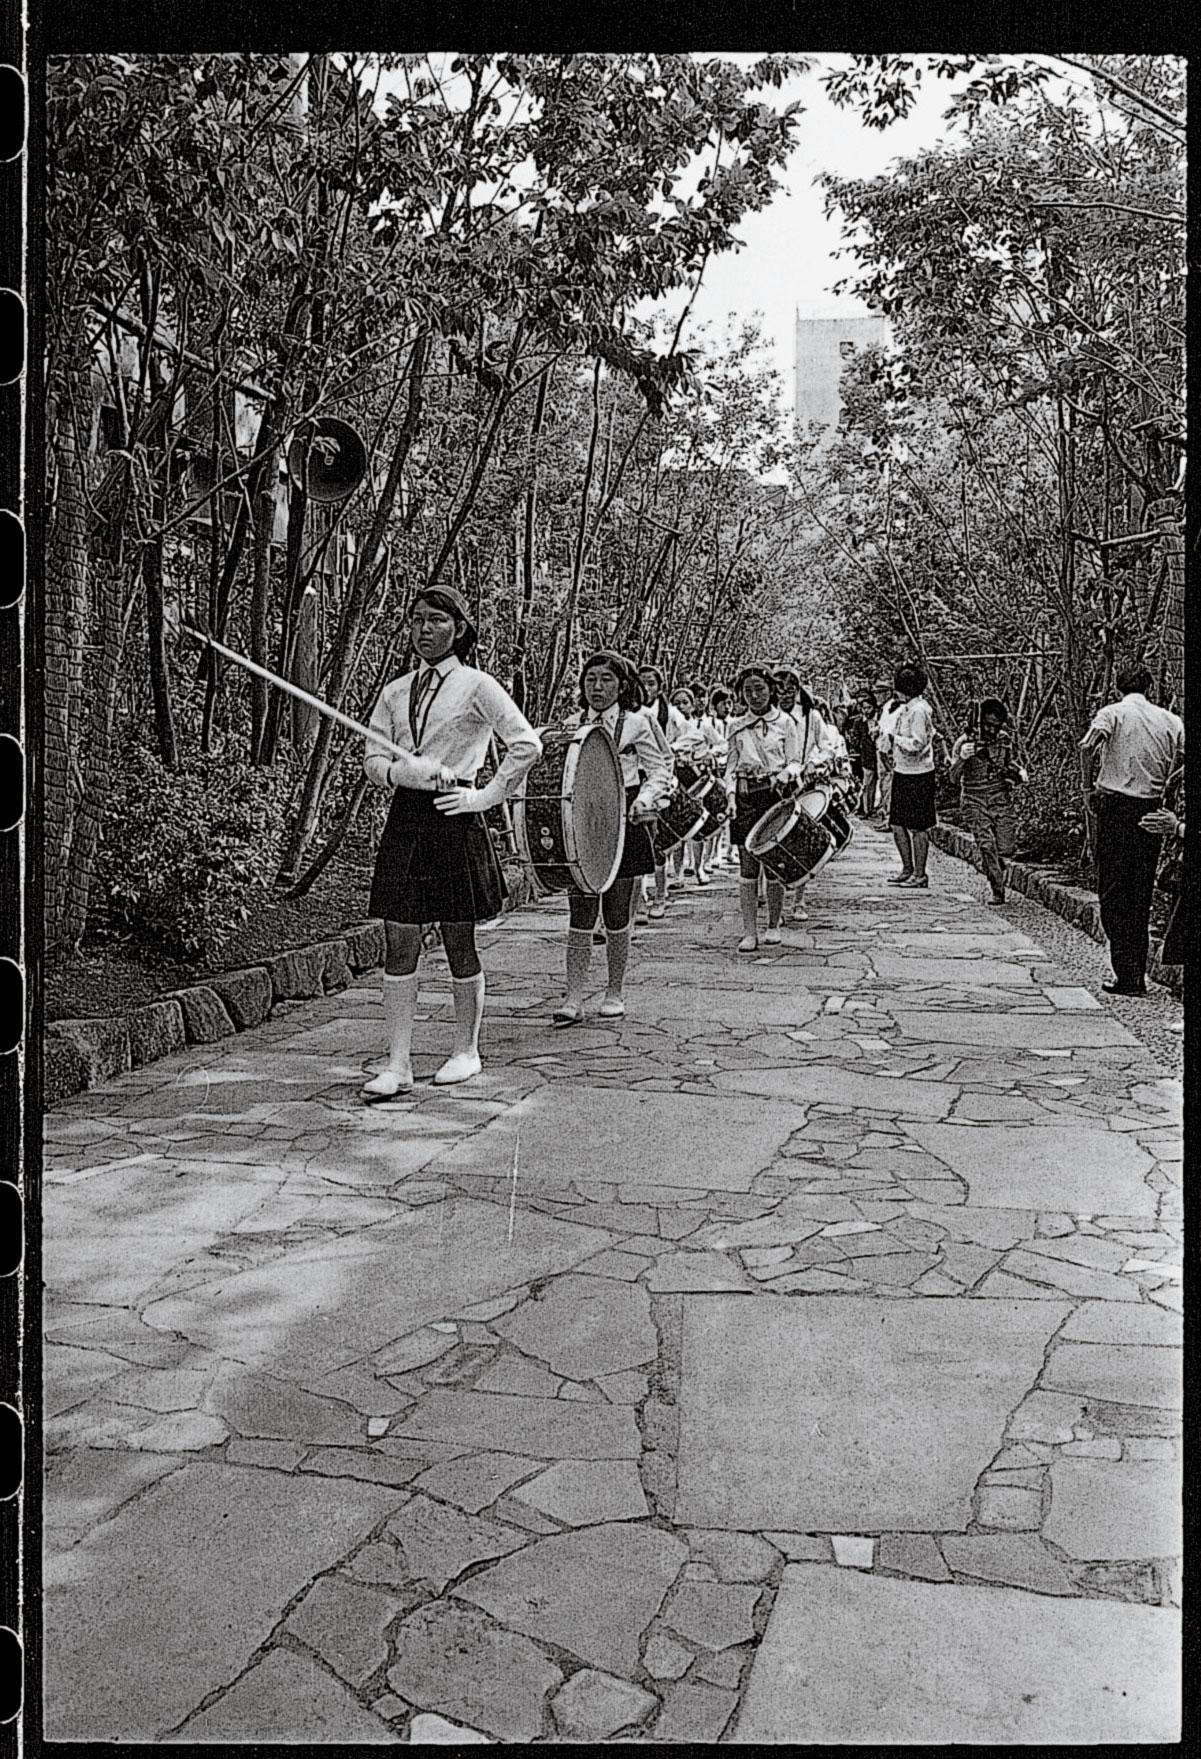 昭和49(1974)年 – 新宿区史年表